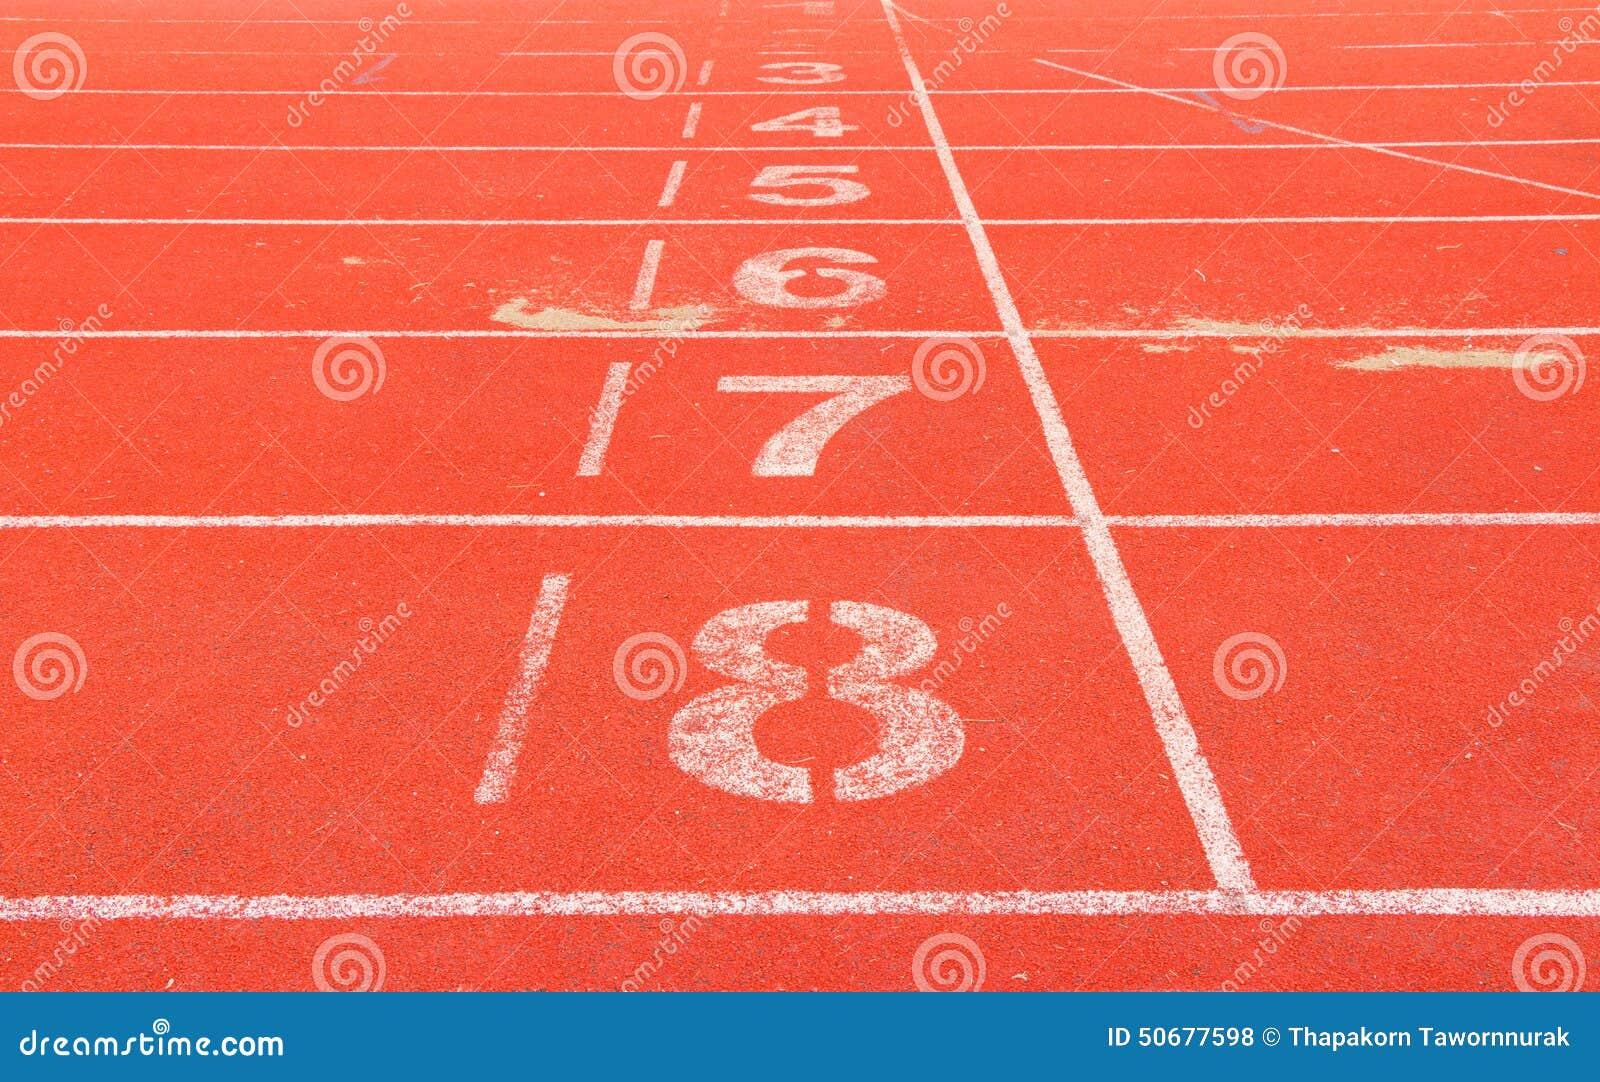 Download 连续跟踪 库存照片. 图片 包括有 实际, 曲线, 背包, 继电器, 短跑, 运输路线, 赛跑者, 陆运 - 50677598